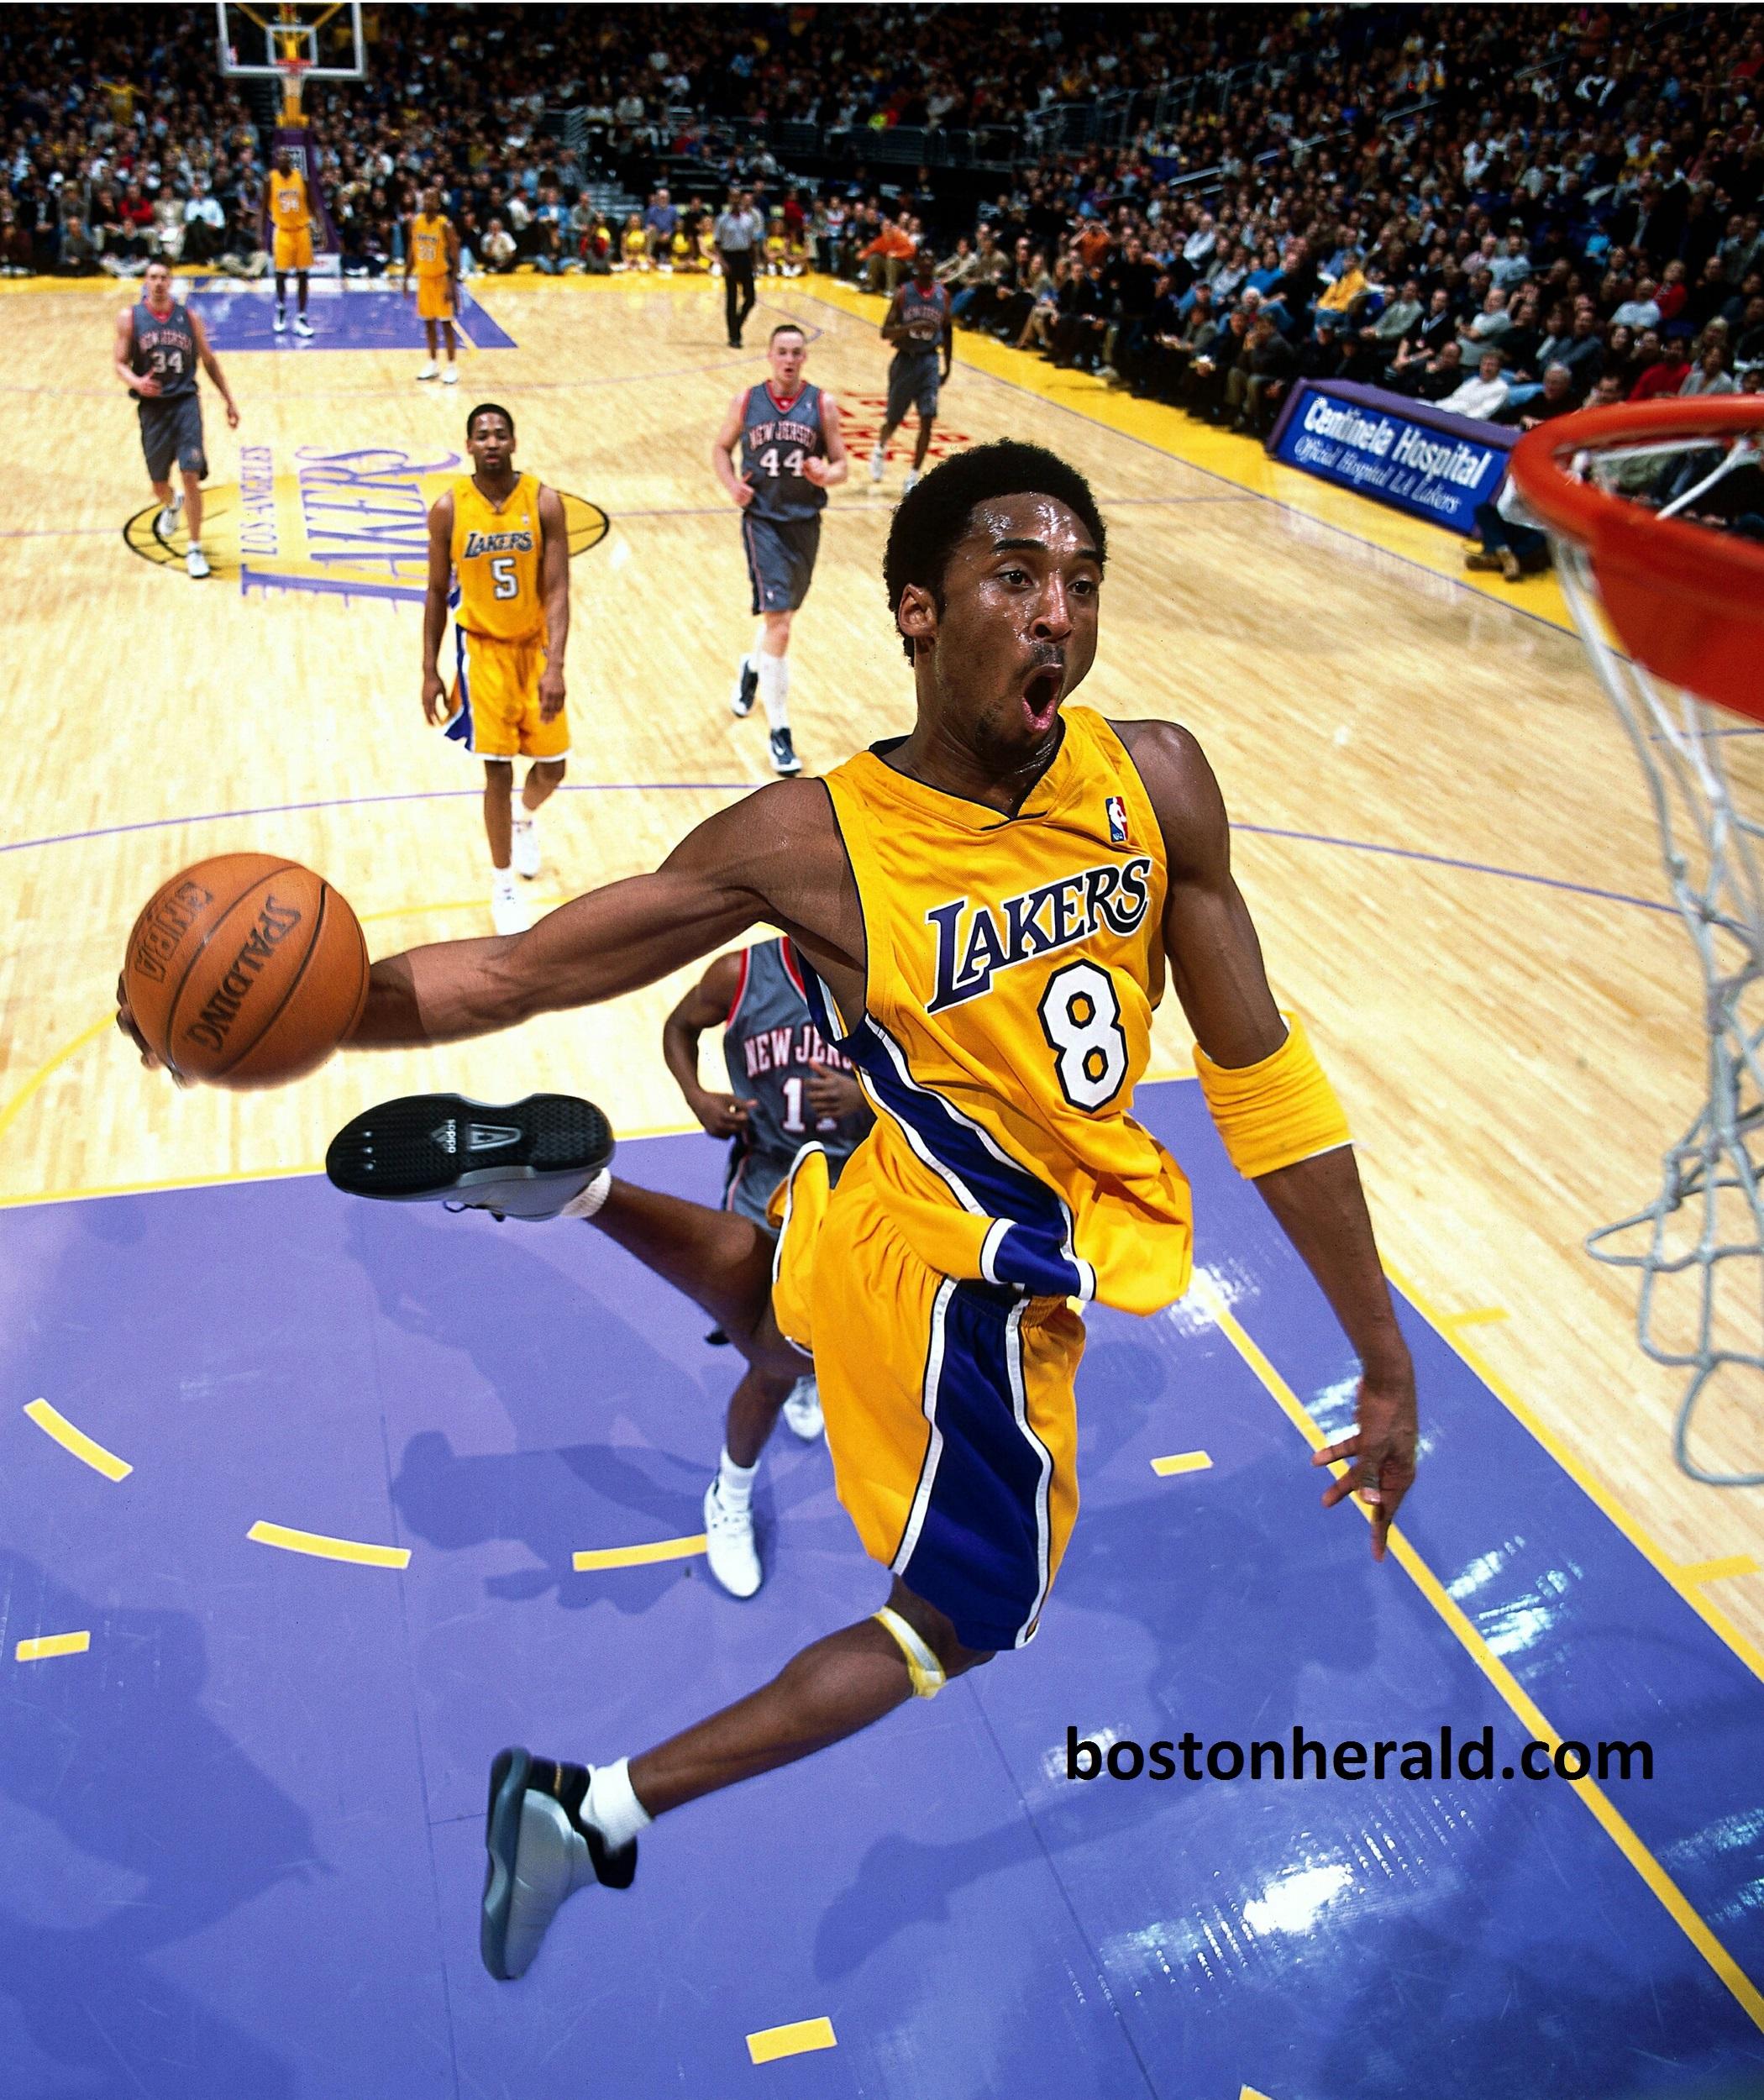 Bola Basket, Permainan Yang Ditemukan Secara Tidak Sengaja 5